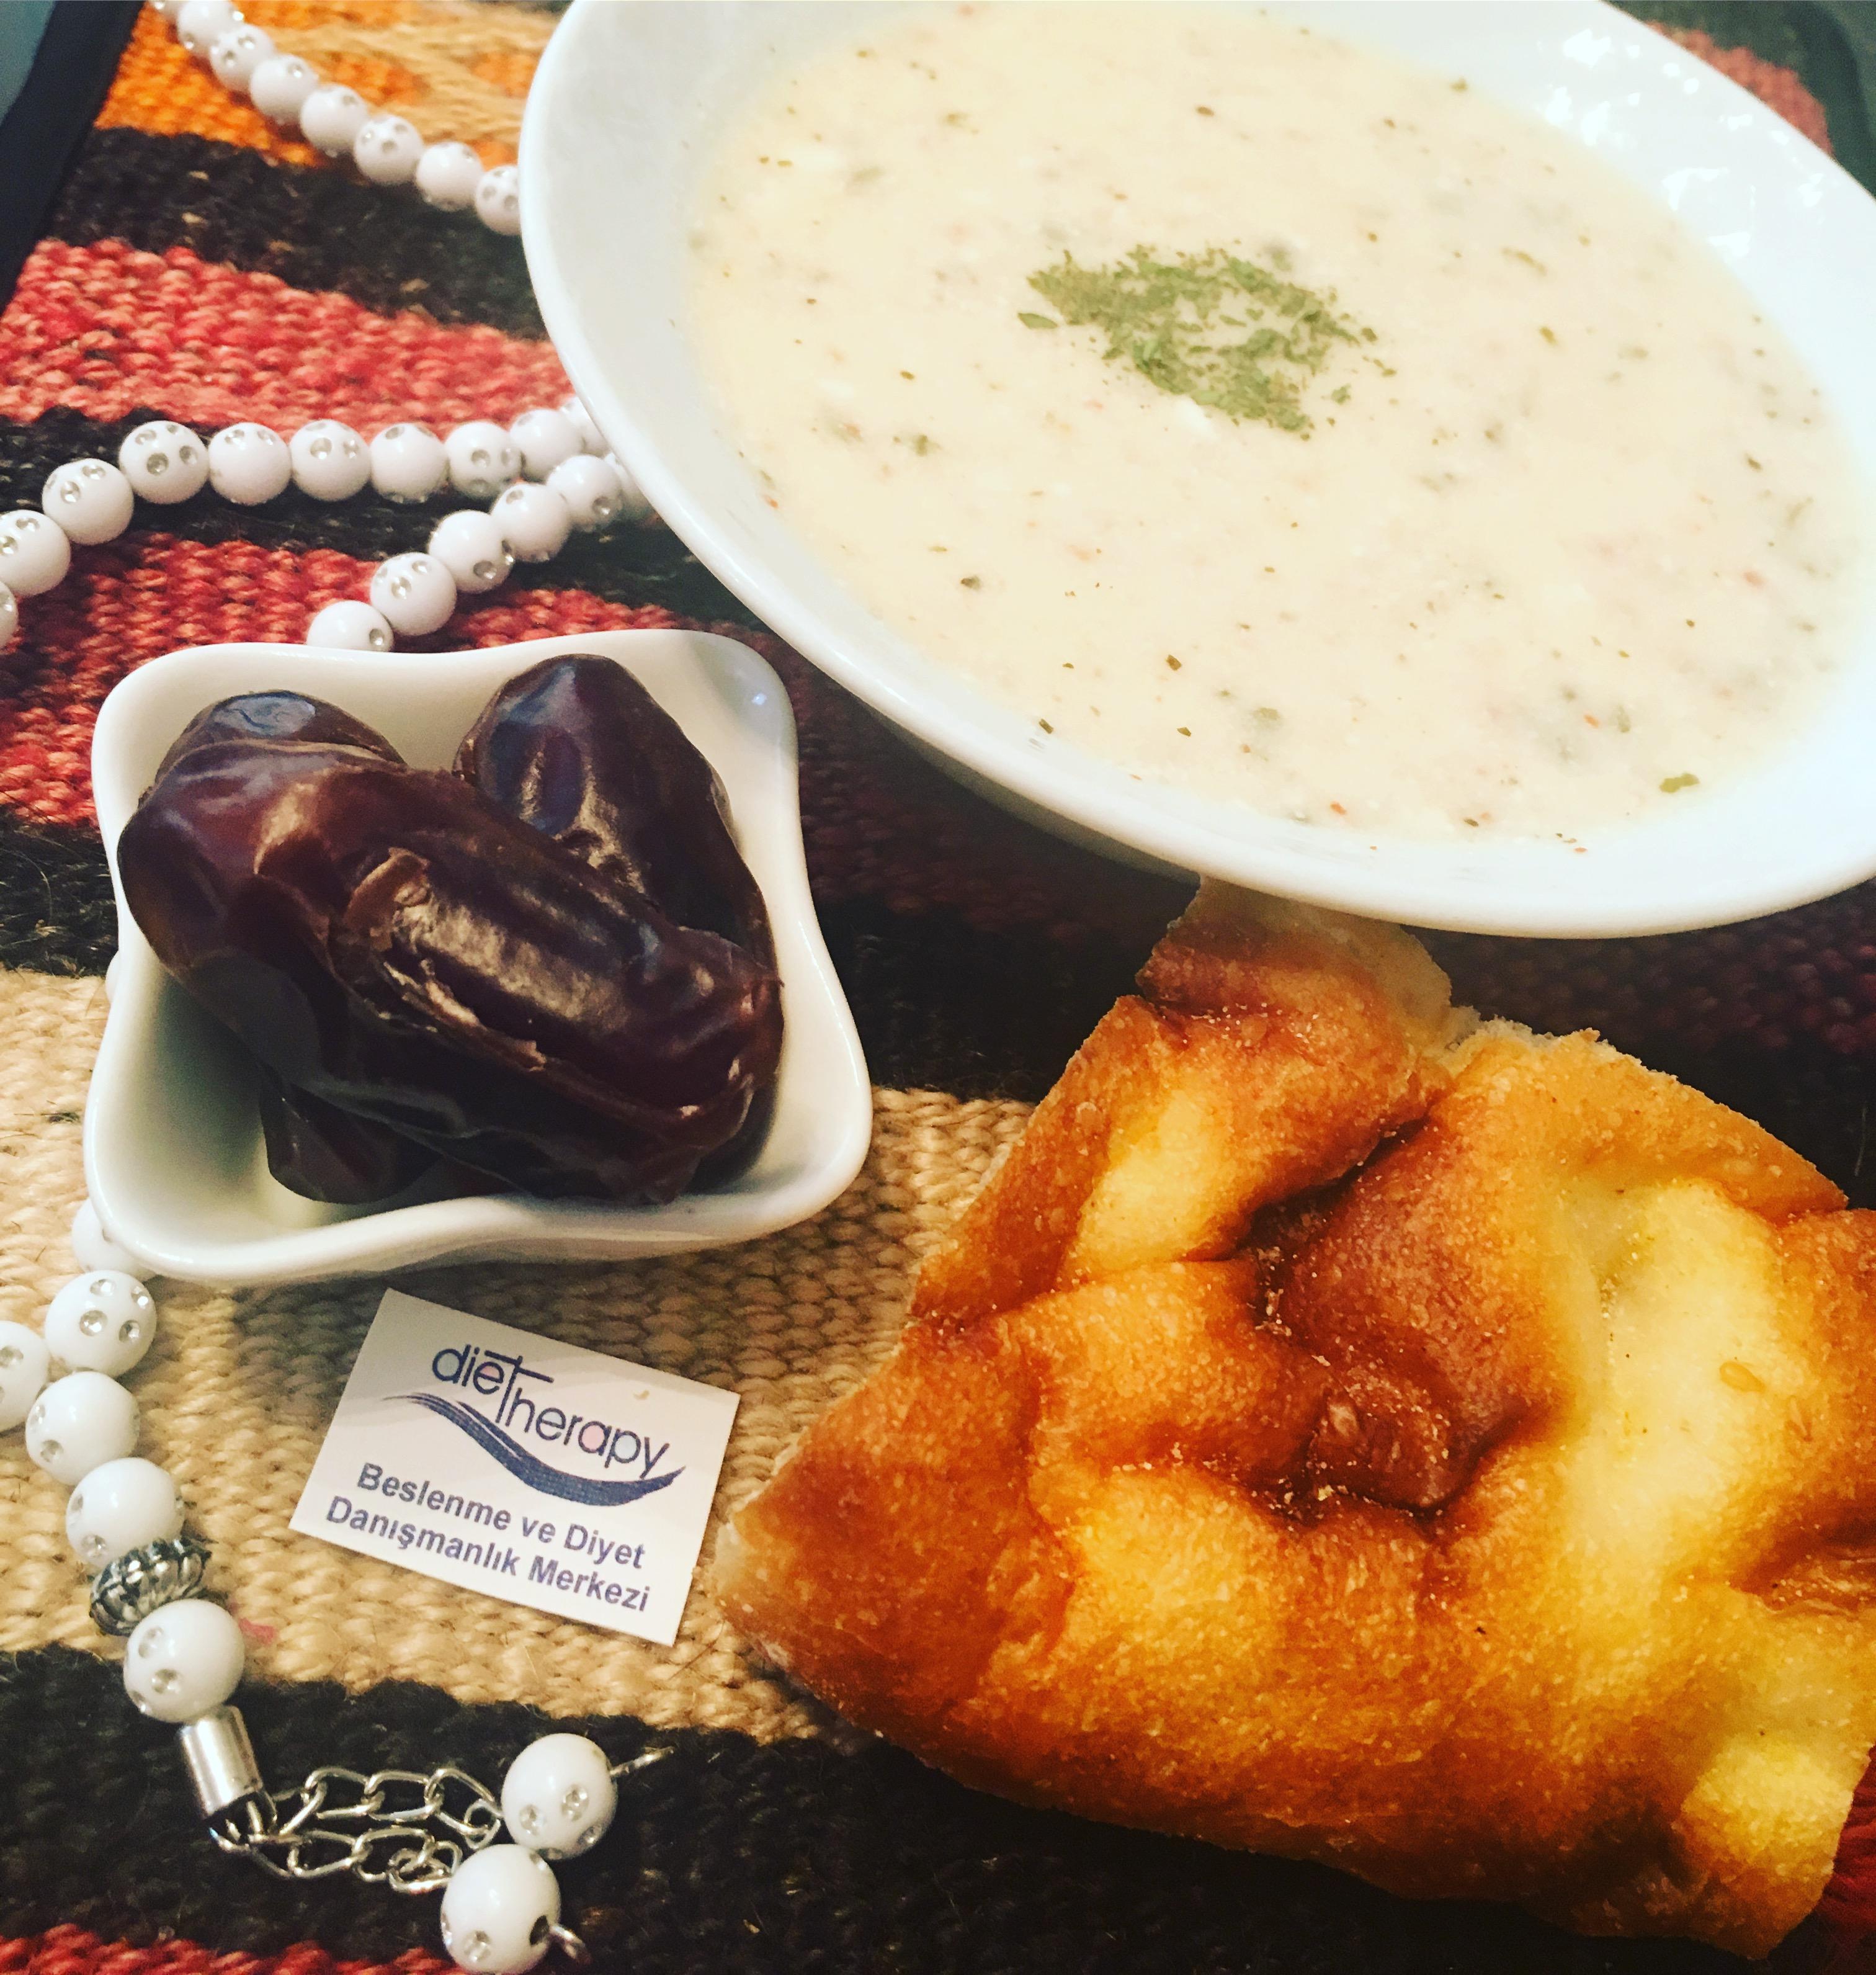 Ramazan diyeti 10 kilo ile Etiketlenen Konular 79